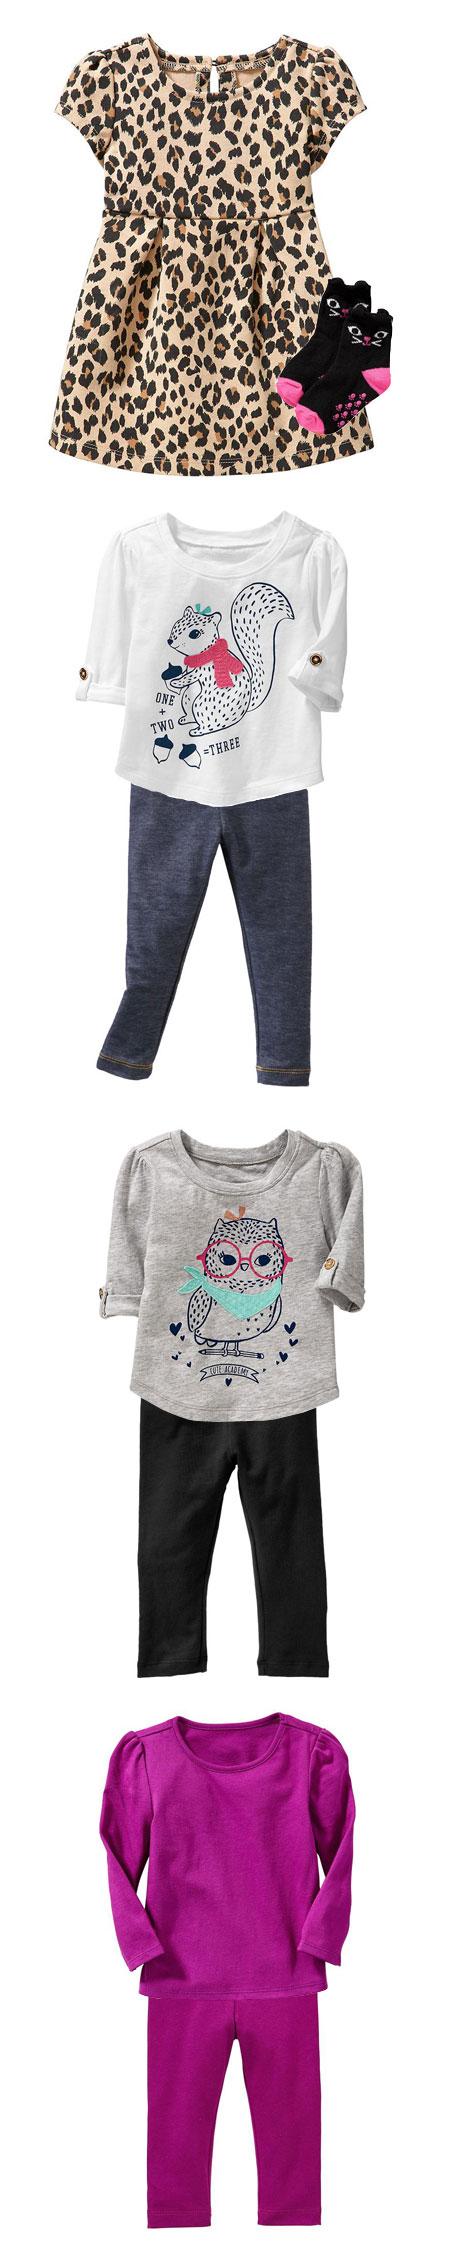 preschoolstyle